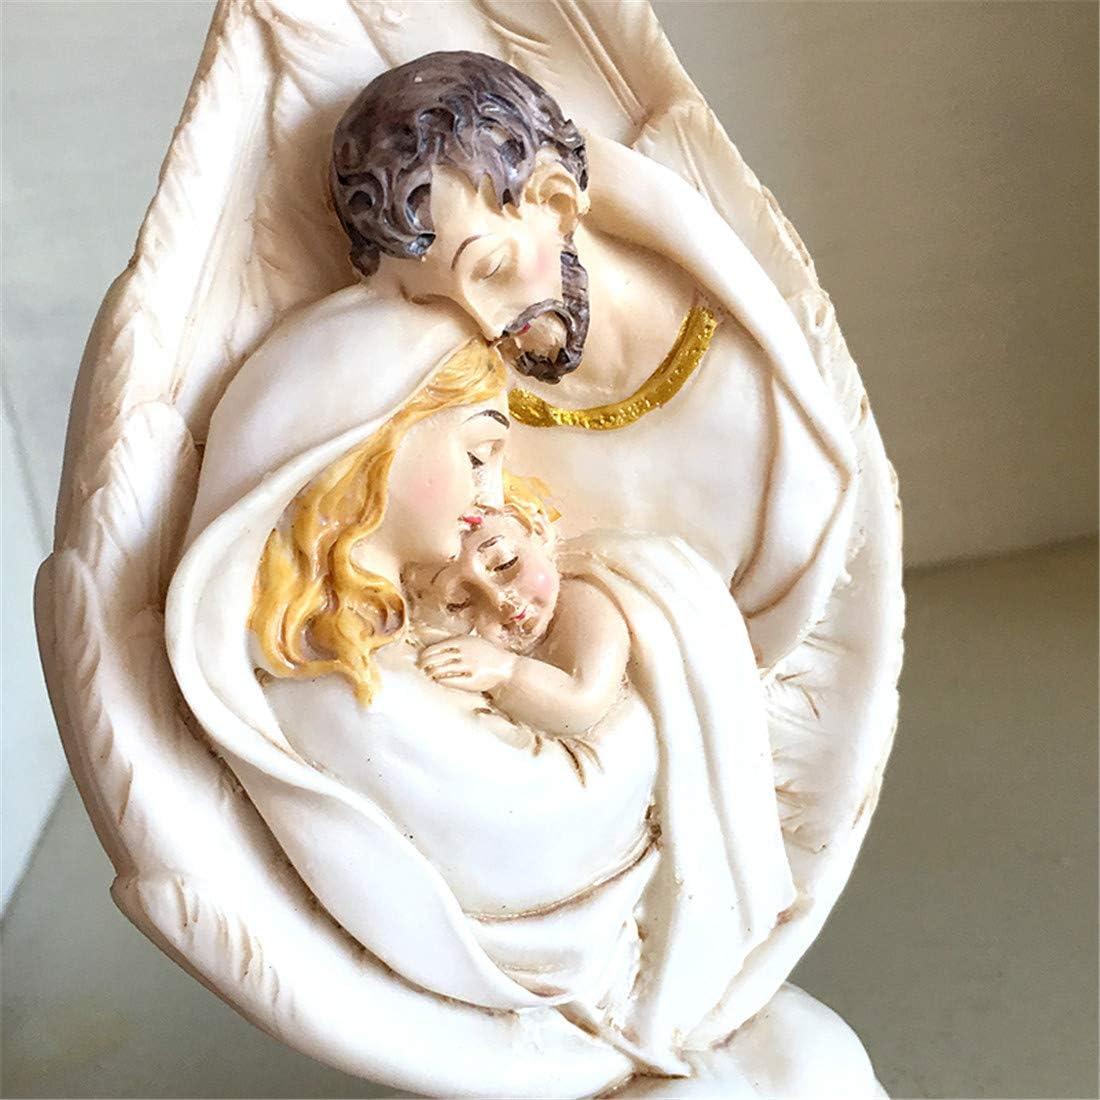 XIAOXI Ic/ône catholique Sainte Joseph Marie avec J/ésus-Christ Figurine Sainte Famille Figurine Christienne Relic Eglise Cadeaux